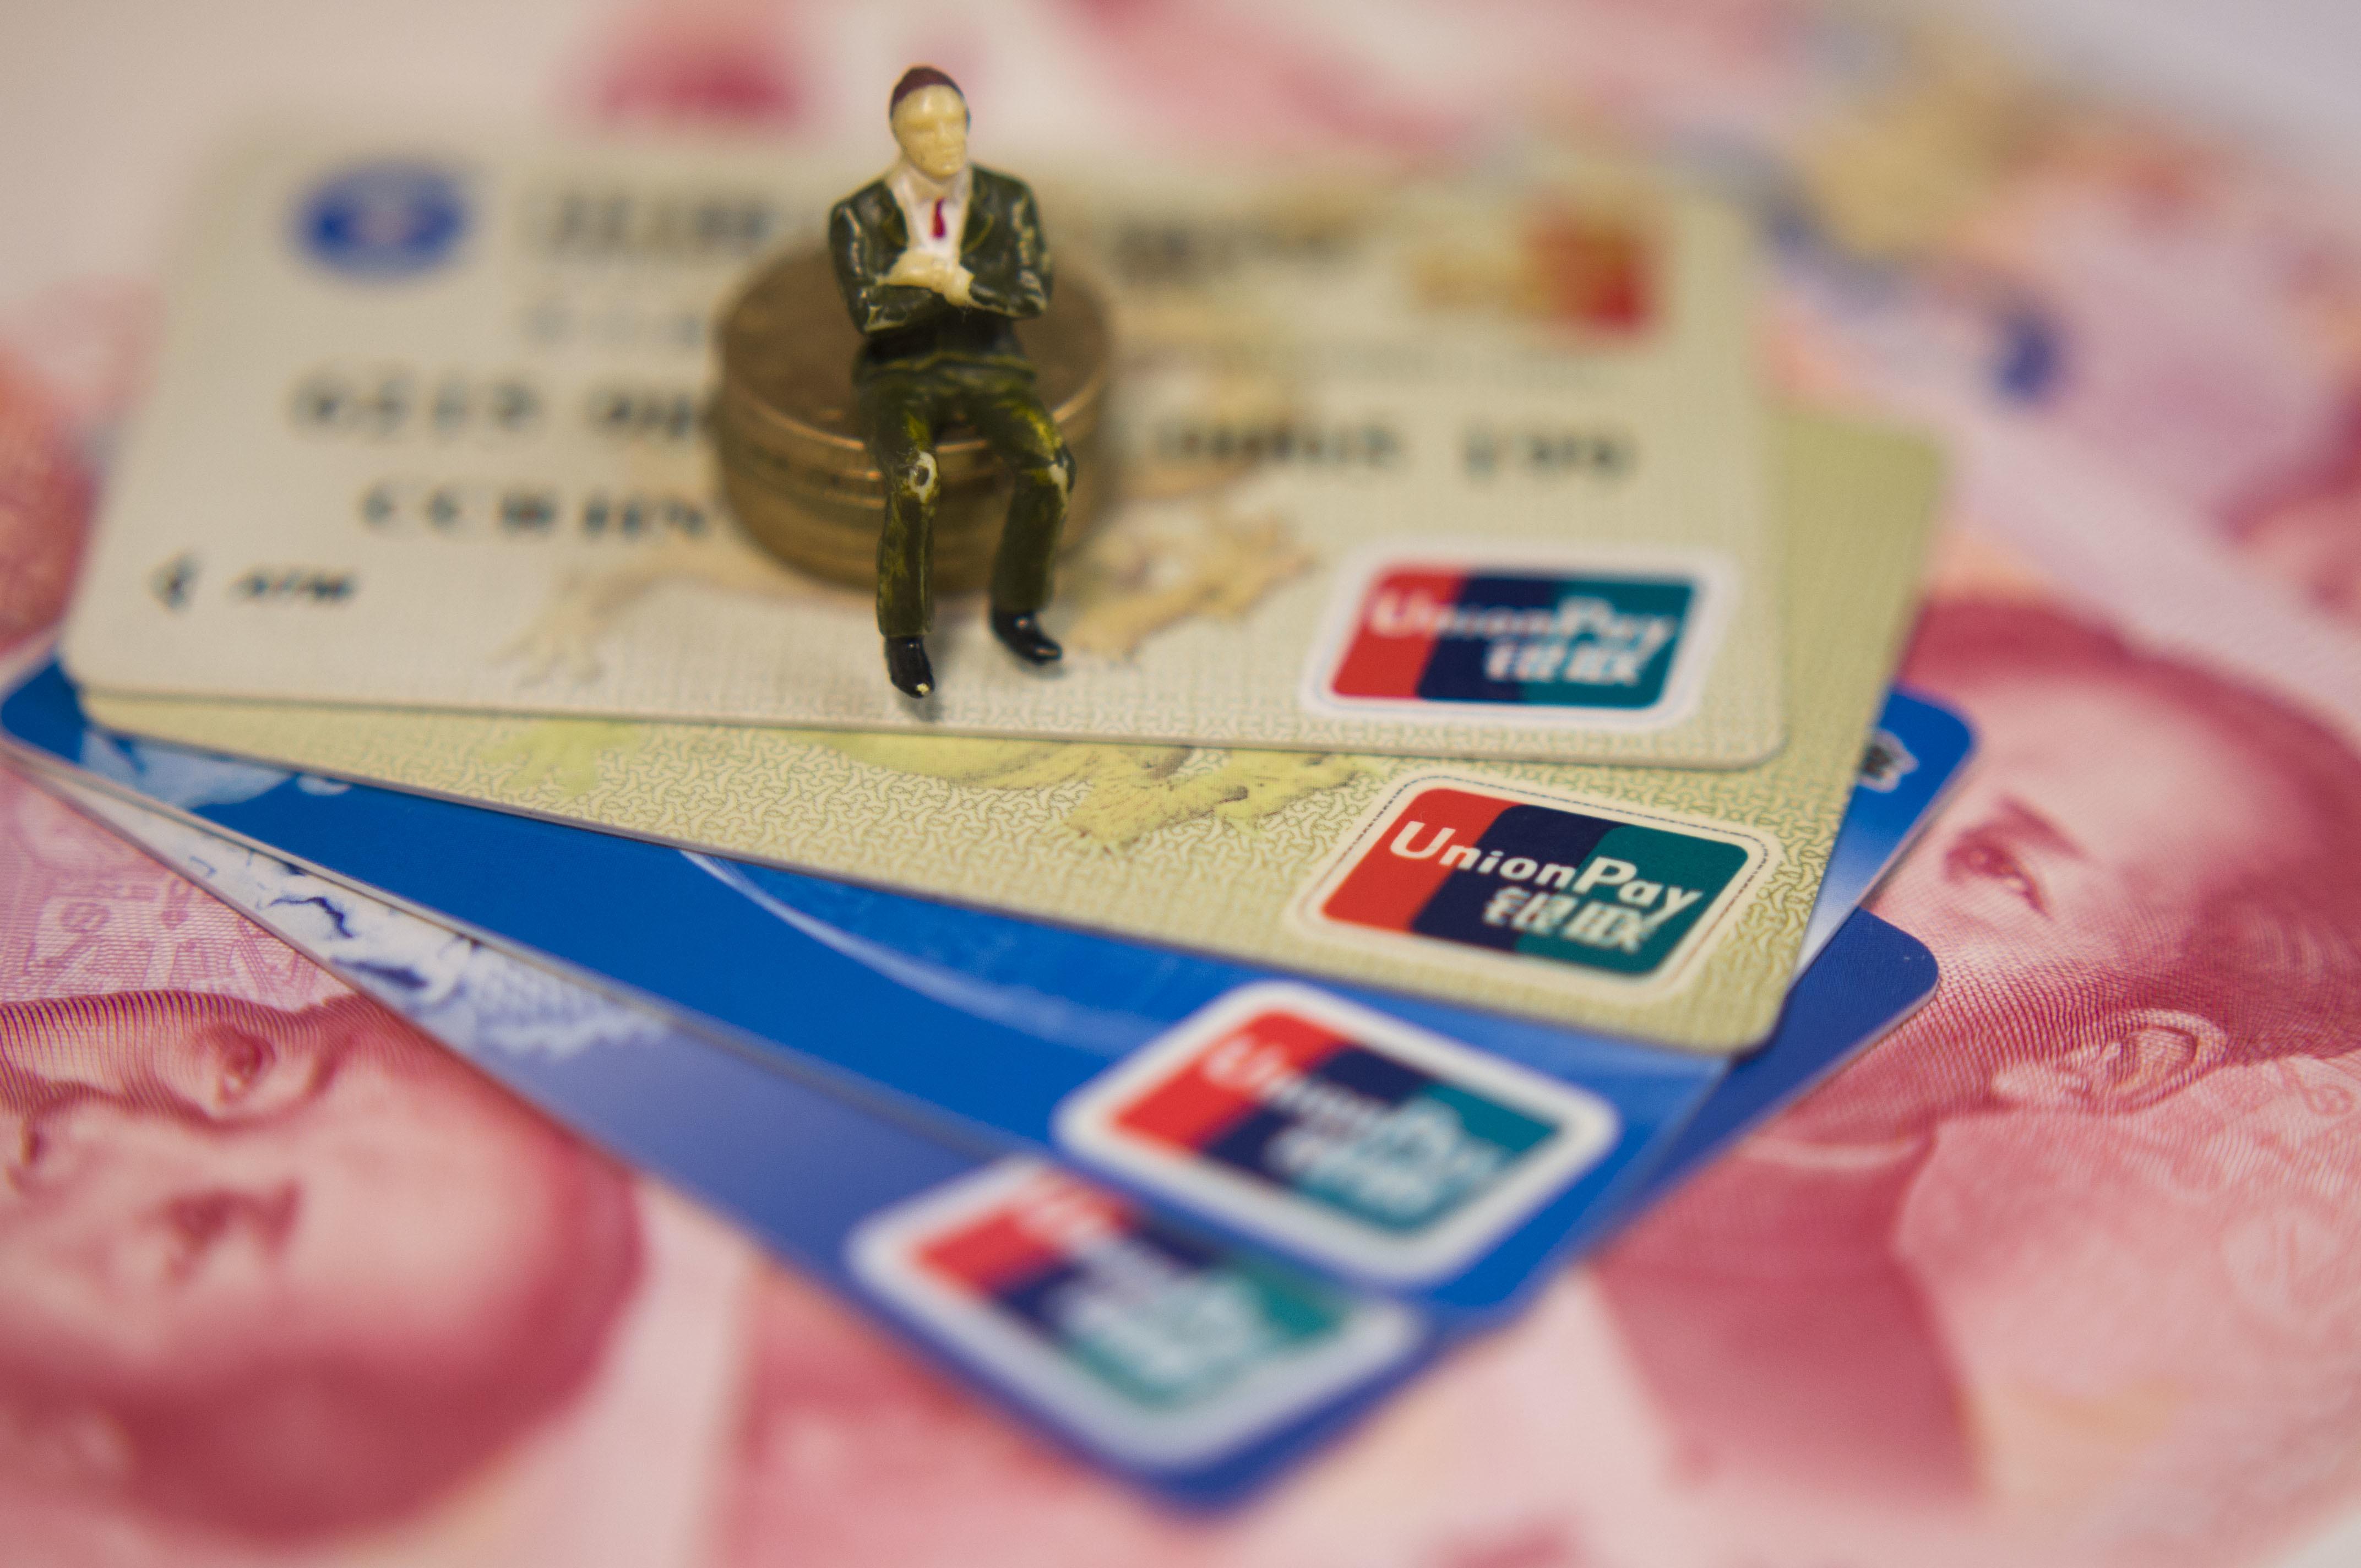 2019年各行信用卡分期还款手续费汇总比较,哪家银行最优惠?